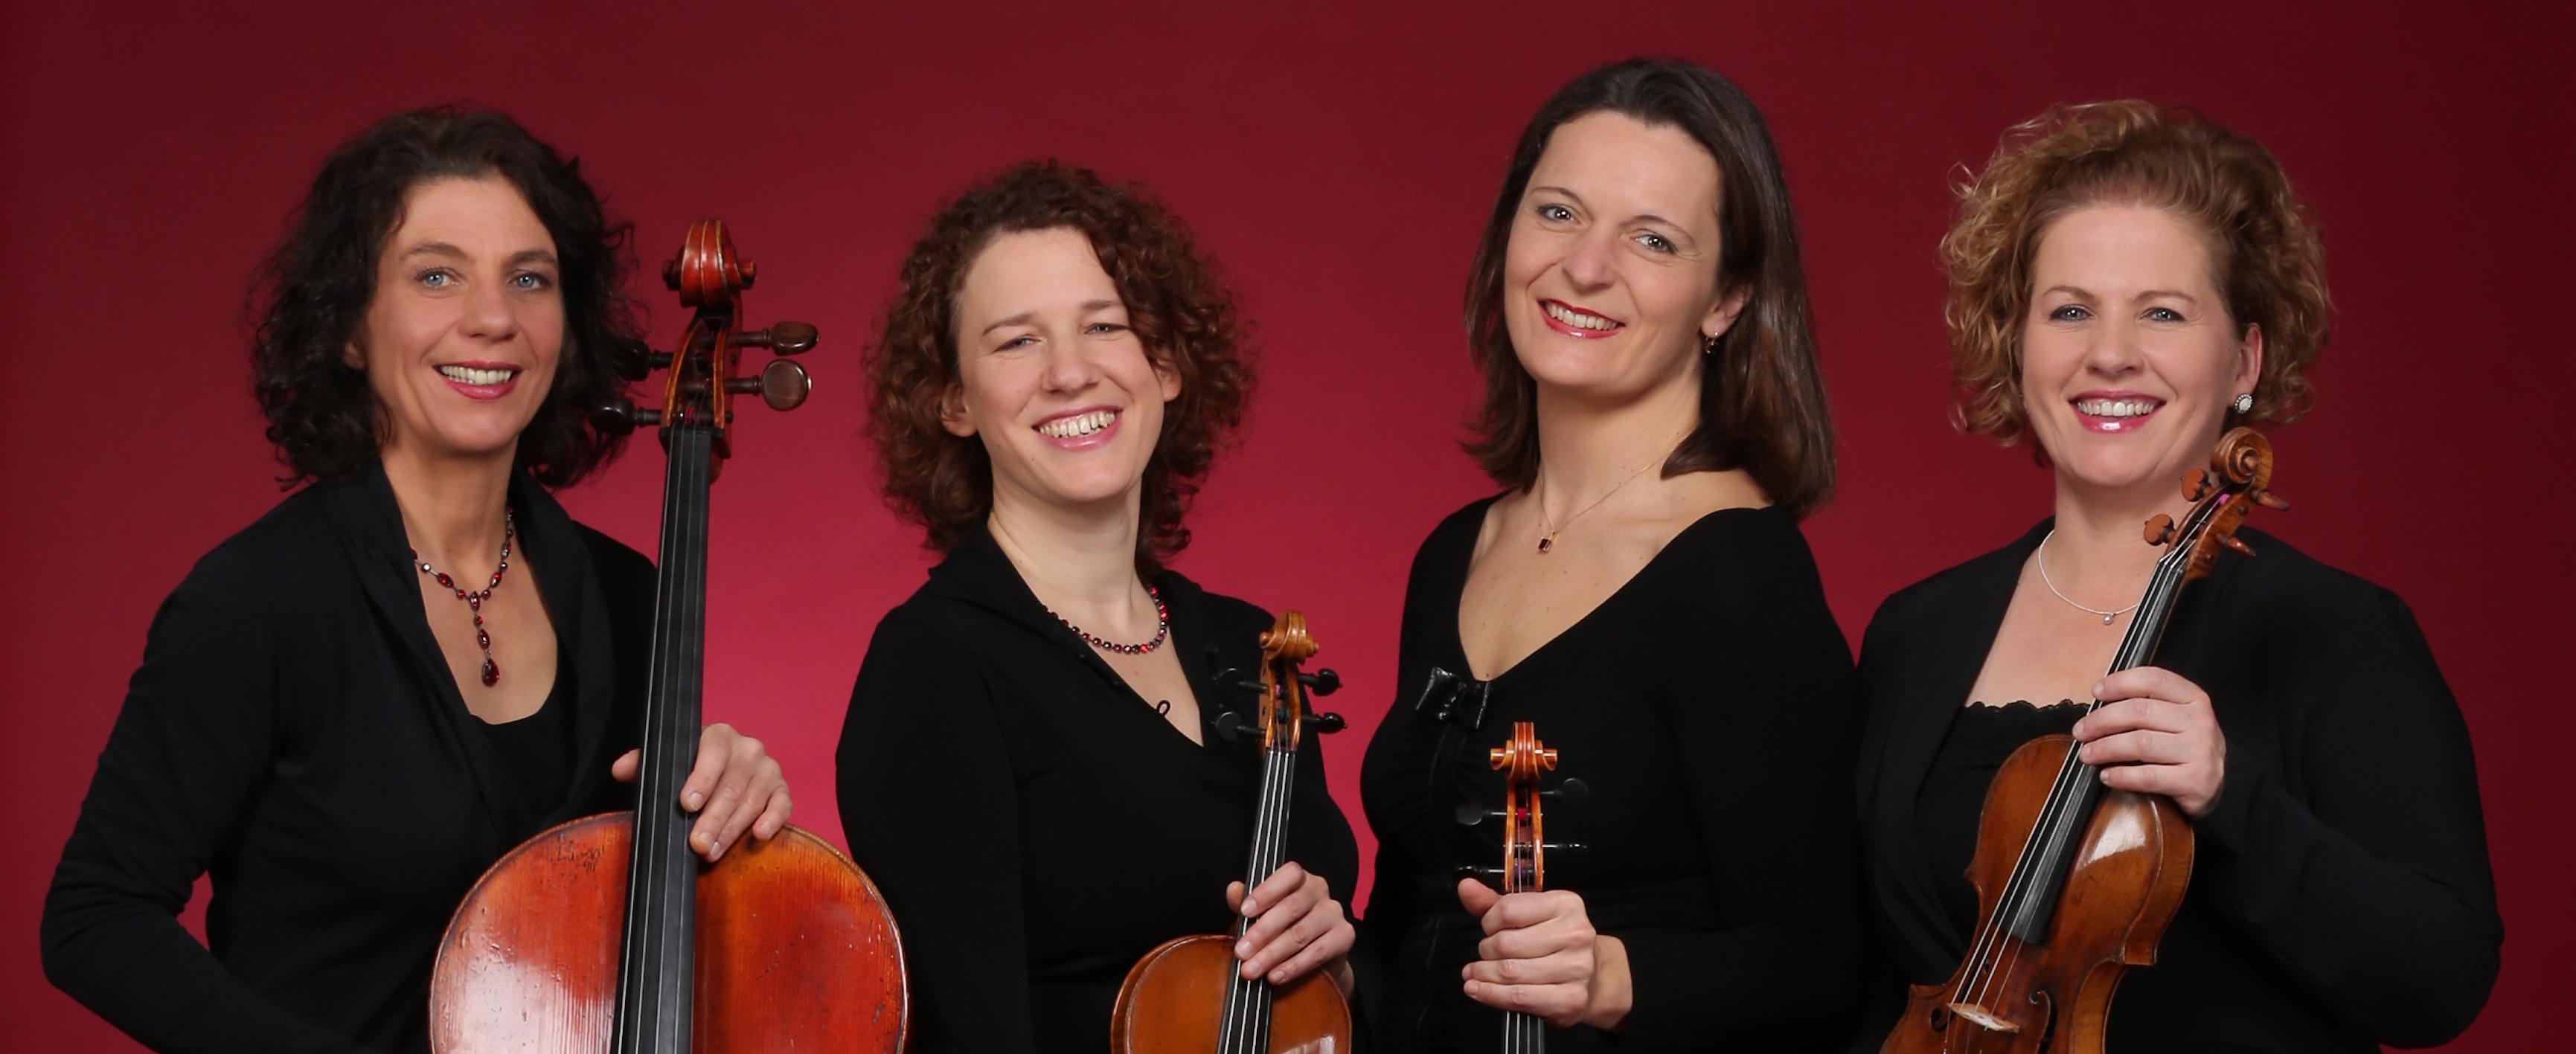 v.l.n.r.: Ulrike Zavelberg (Cello), Jana Andraschke (Viola), Martina Horejsi (Violine), Irmgard Zavelberg (Violine)